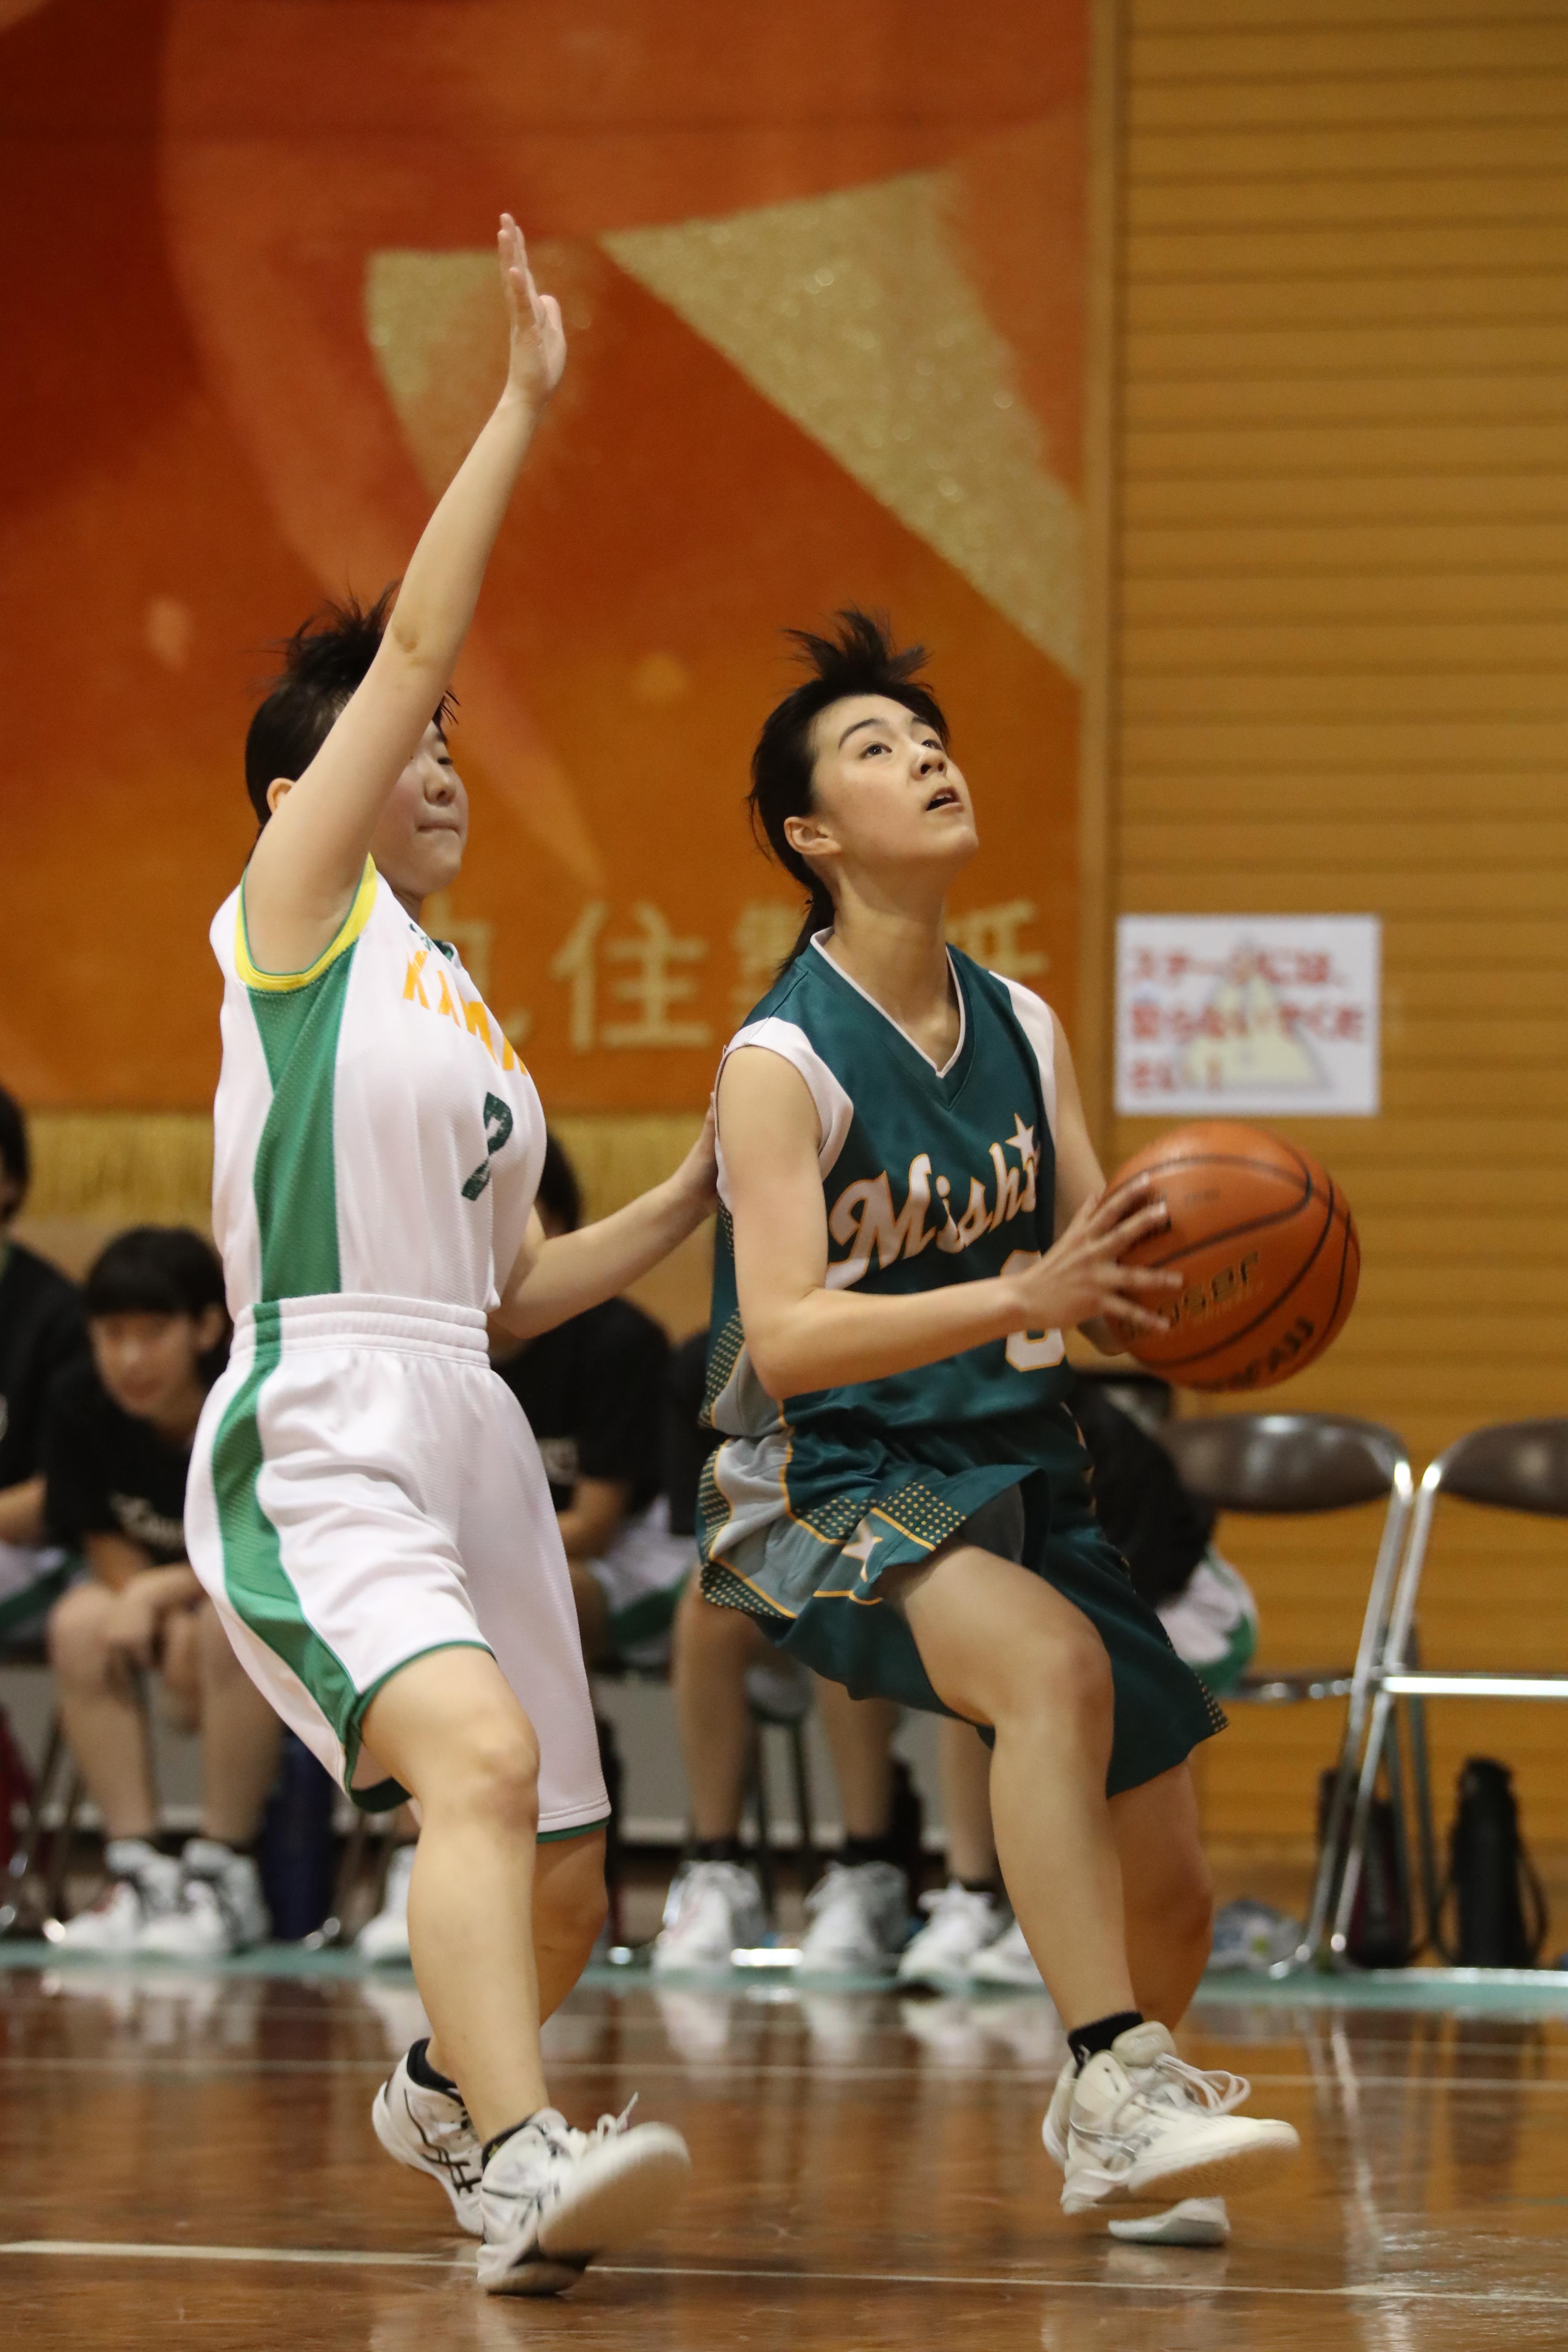 バスケット (68)